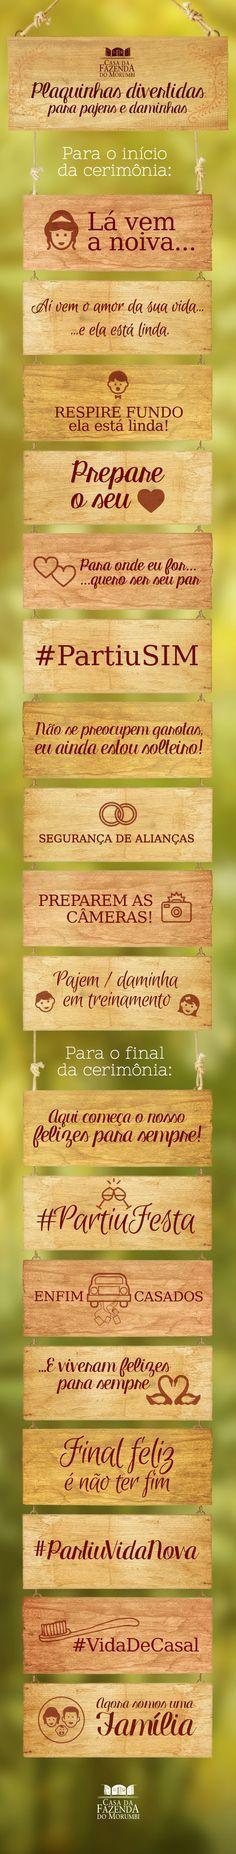 #CasadaFazendadoMorumbi #Plaquinhas #Pajém #Daminha #Casamento #Inspiração